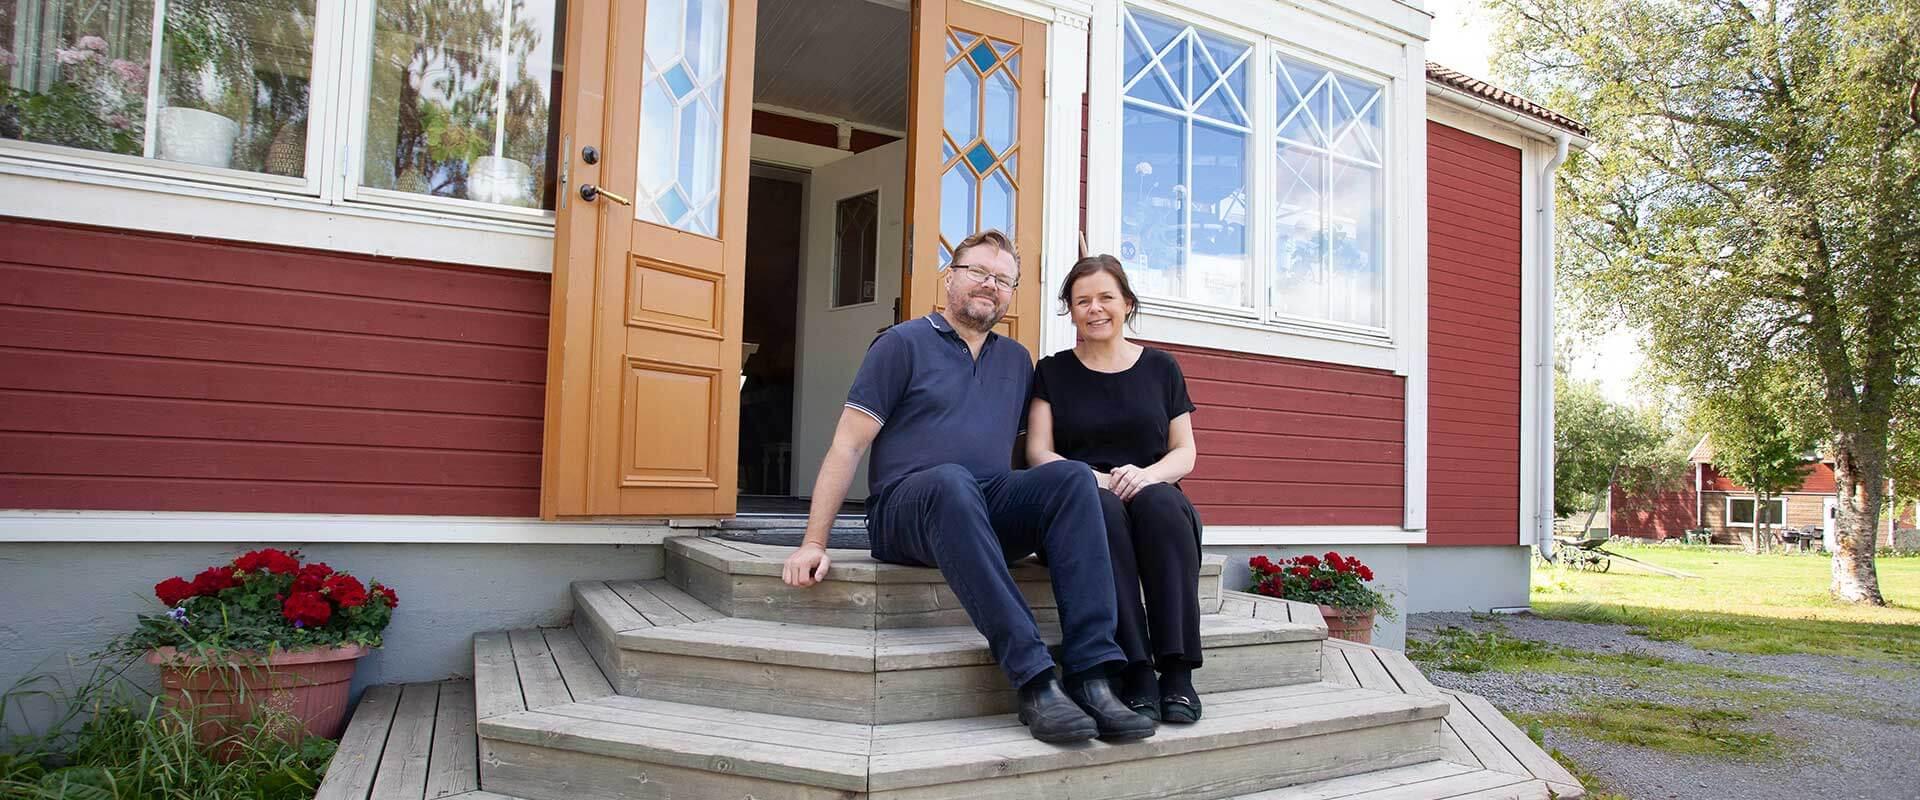 Sörbygården Brunflo, Helen and Richard